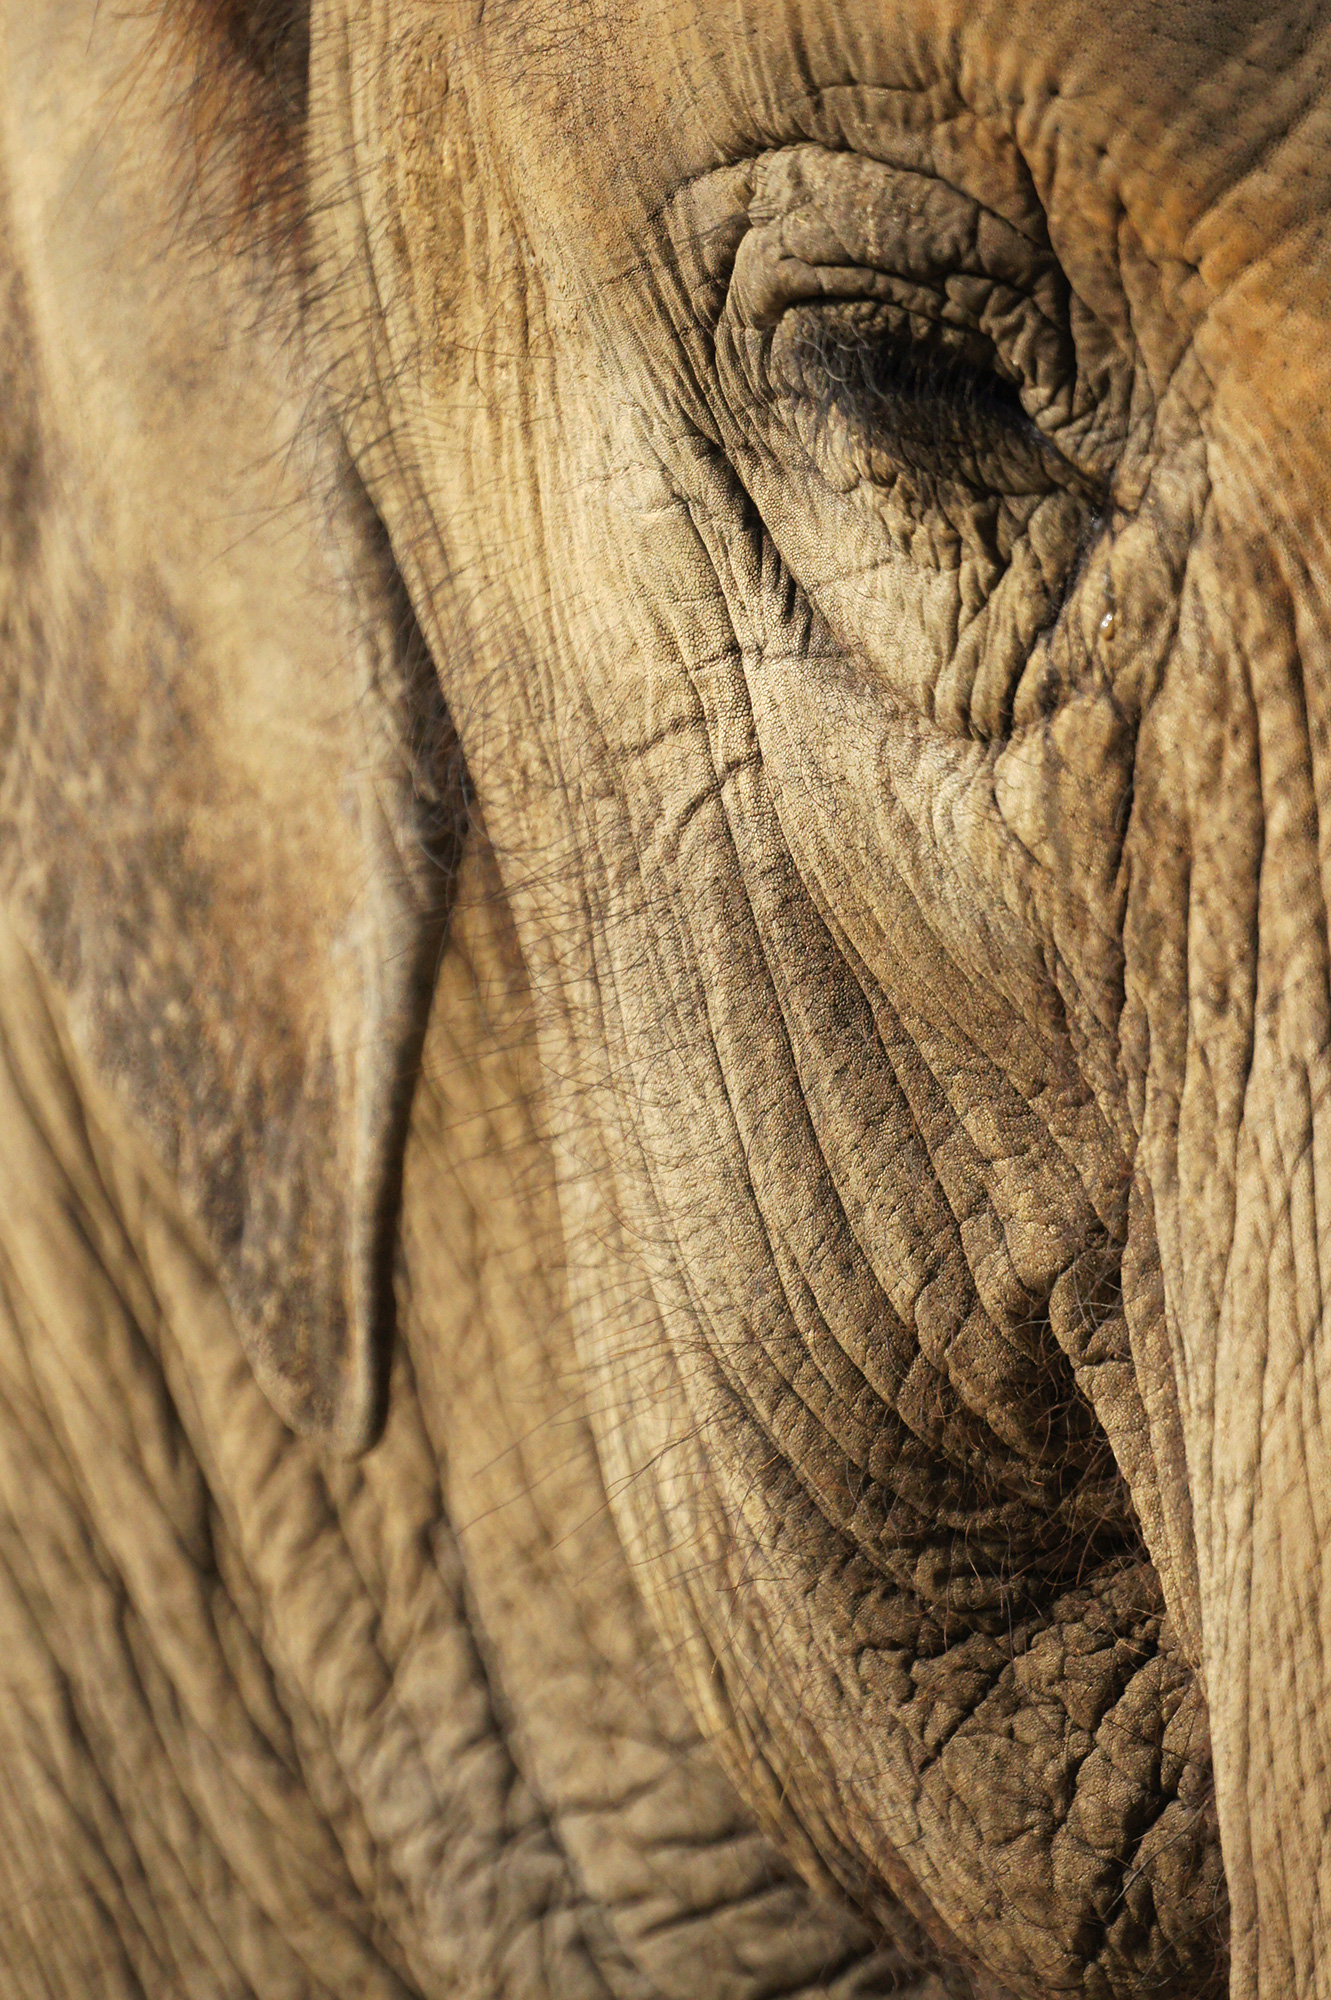 ゾウの顔の写真のフリー素材